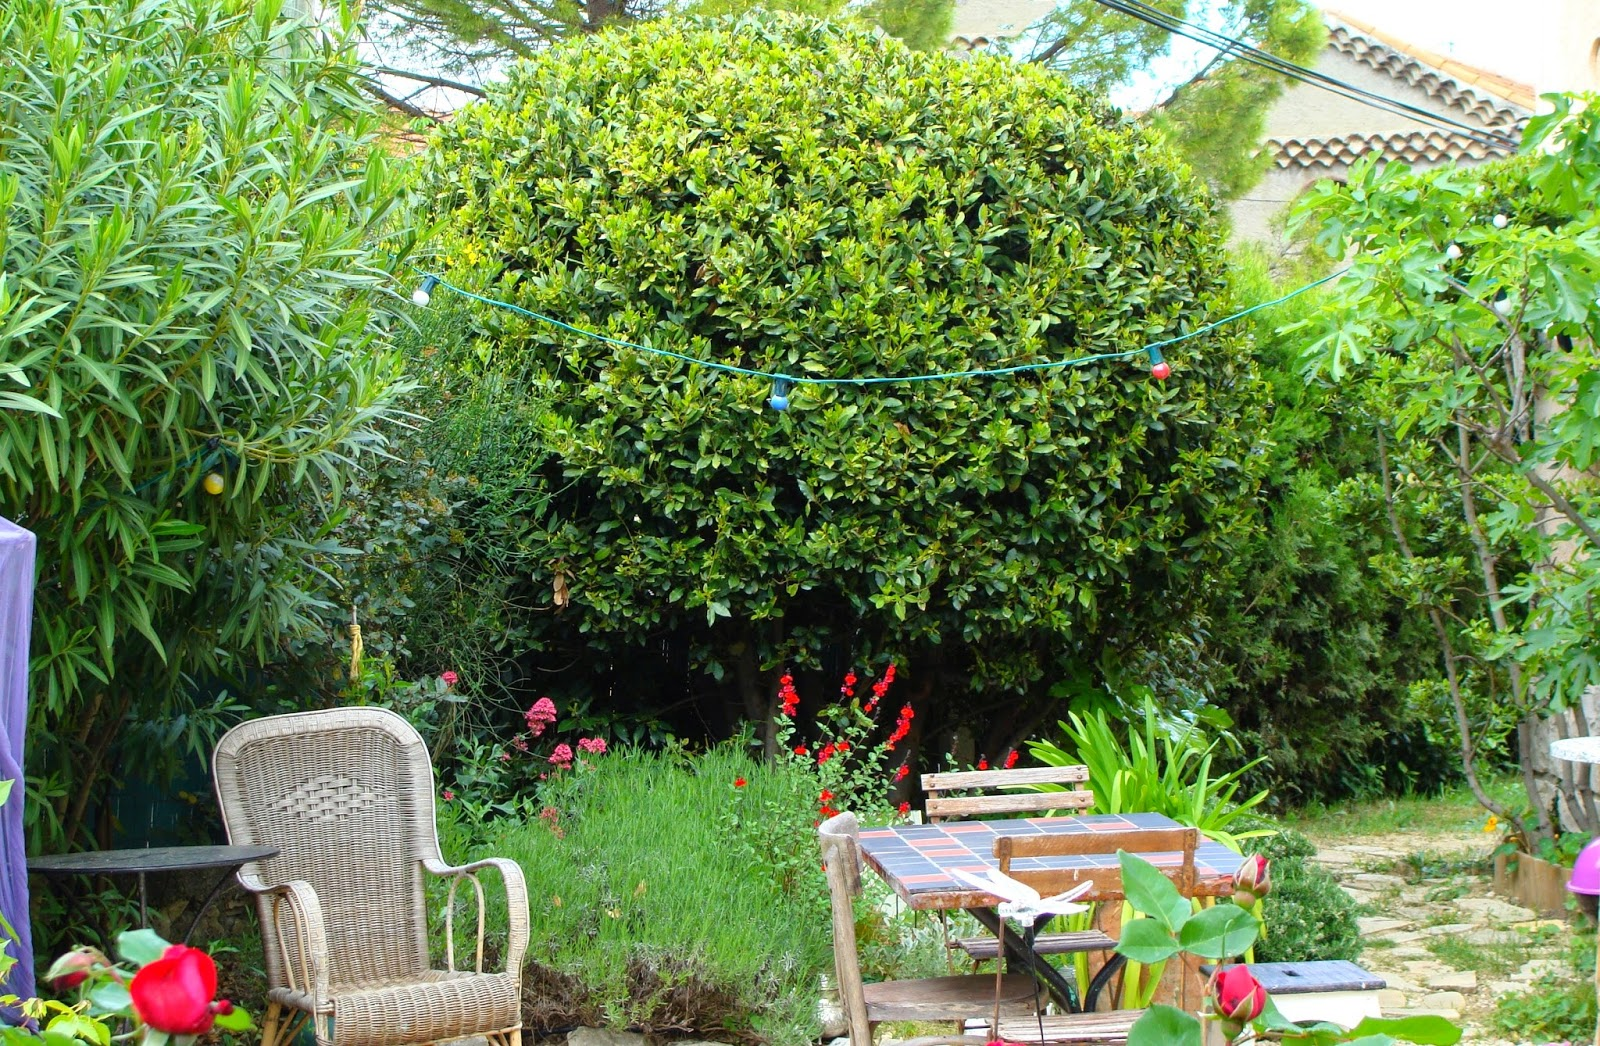 jardine et ris si c te dit j te les montre. Black Bedroom Furniture Sets. Home Design Ideas